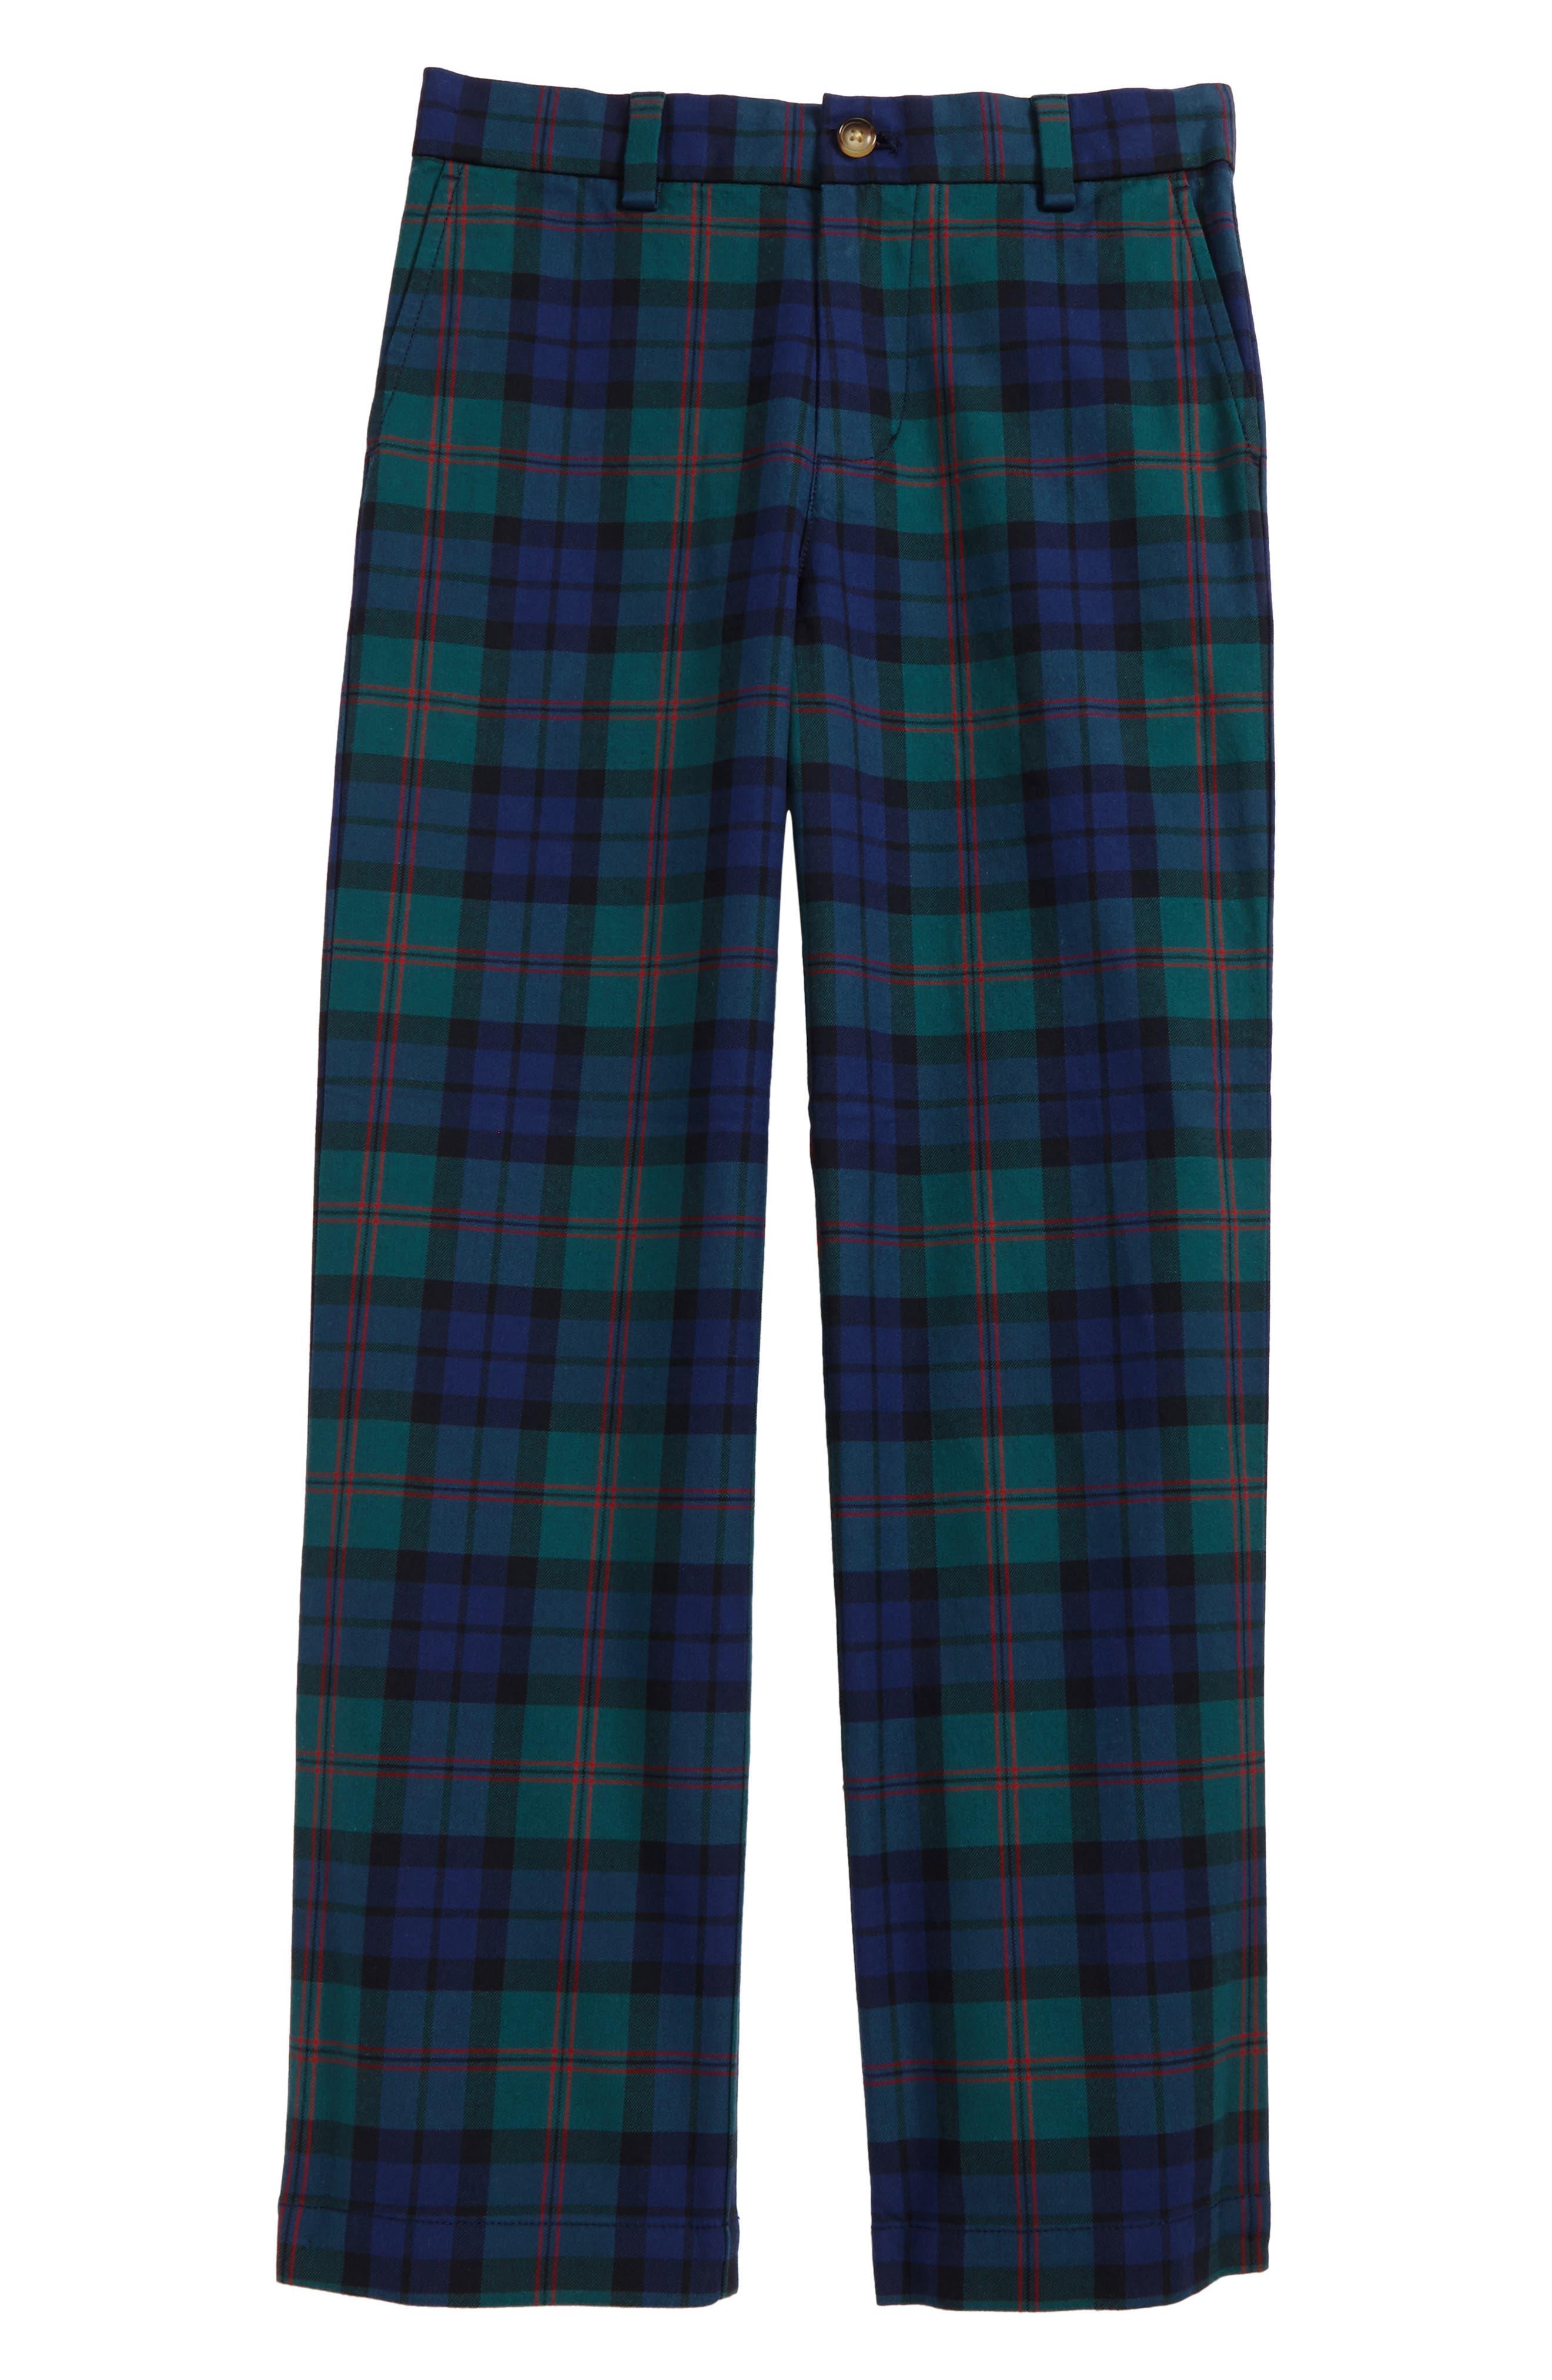 Holiday Black Watch Plaid Pants,                             Main thumbnail 1, color,                             342